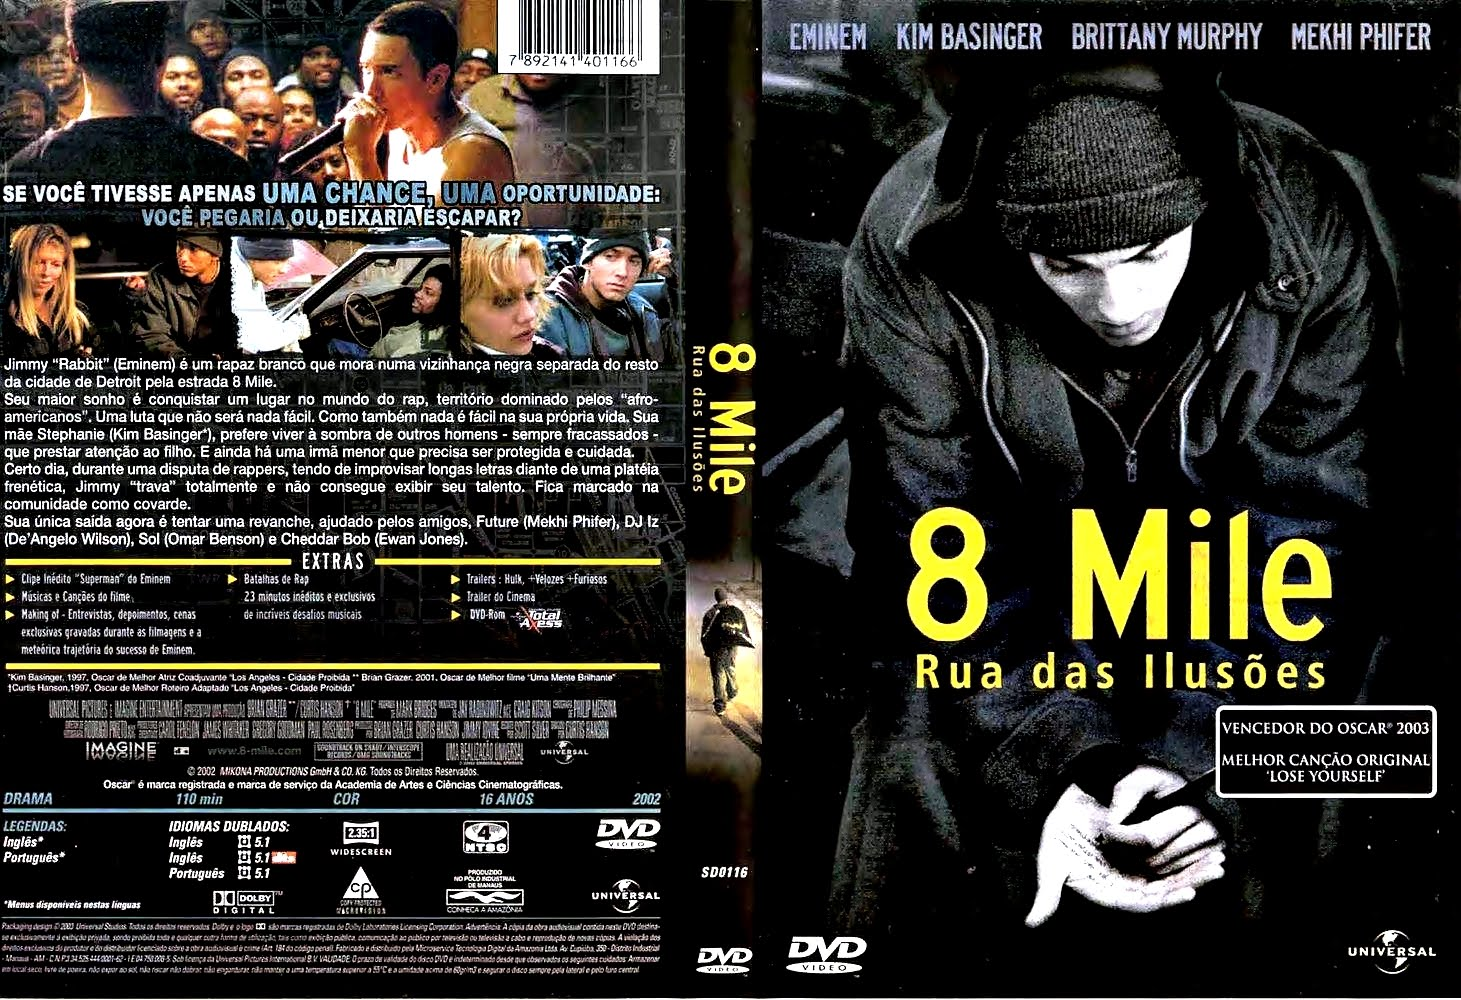 http://3.bp.blogspot.com/_9LPCGXcWP4s/TI11dEd7hHI/AAAAAAAABuE/cWjQ32DAOBQ/s1600/8+Mile.jpg